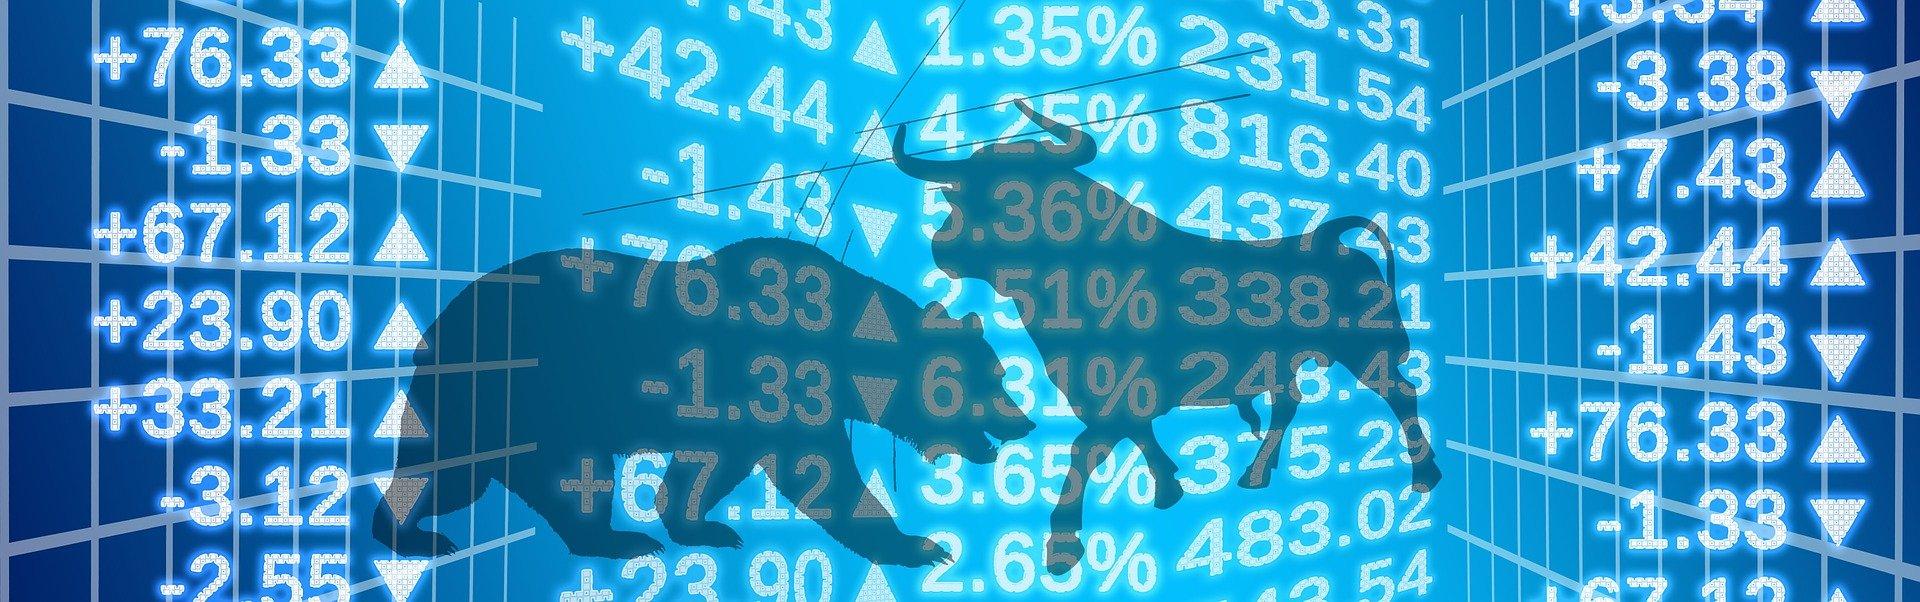 Wirtschafts- und Finanzpolitik